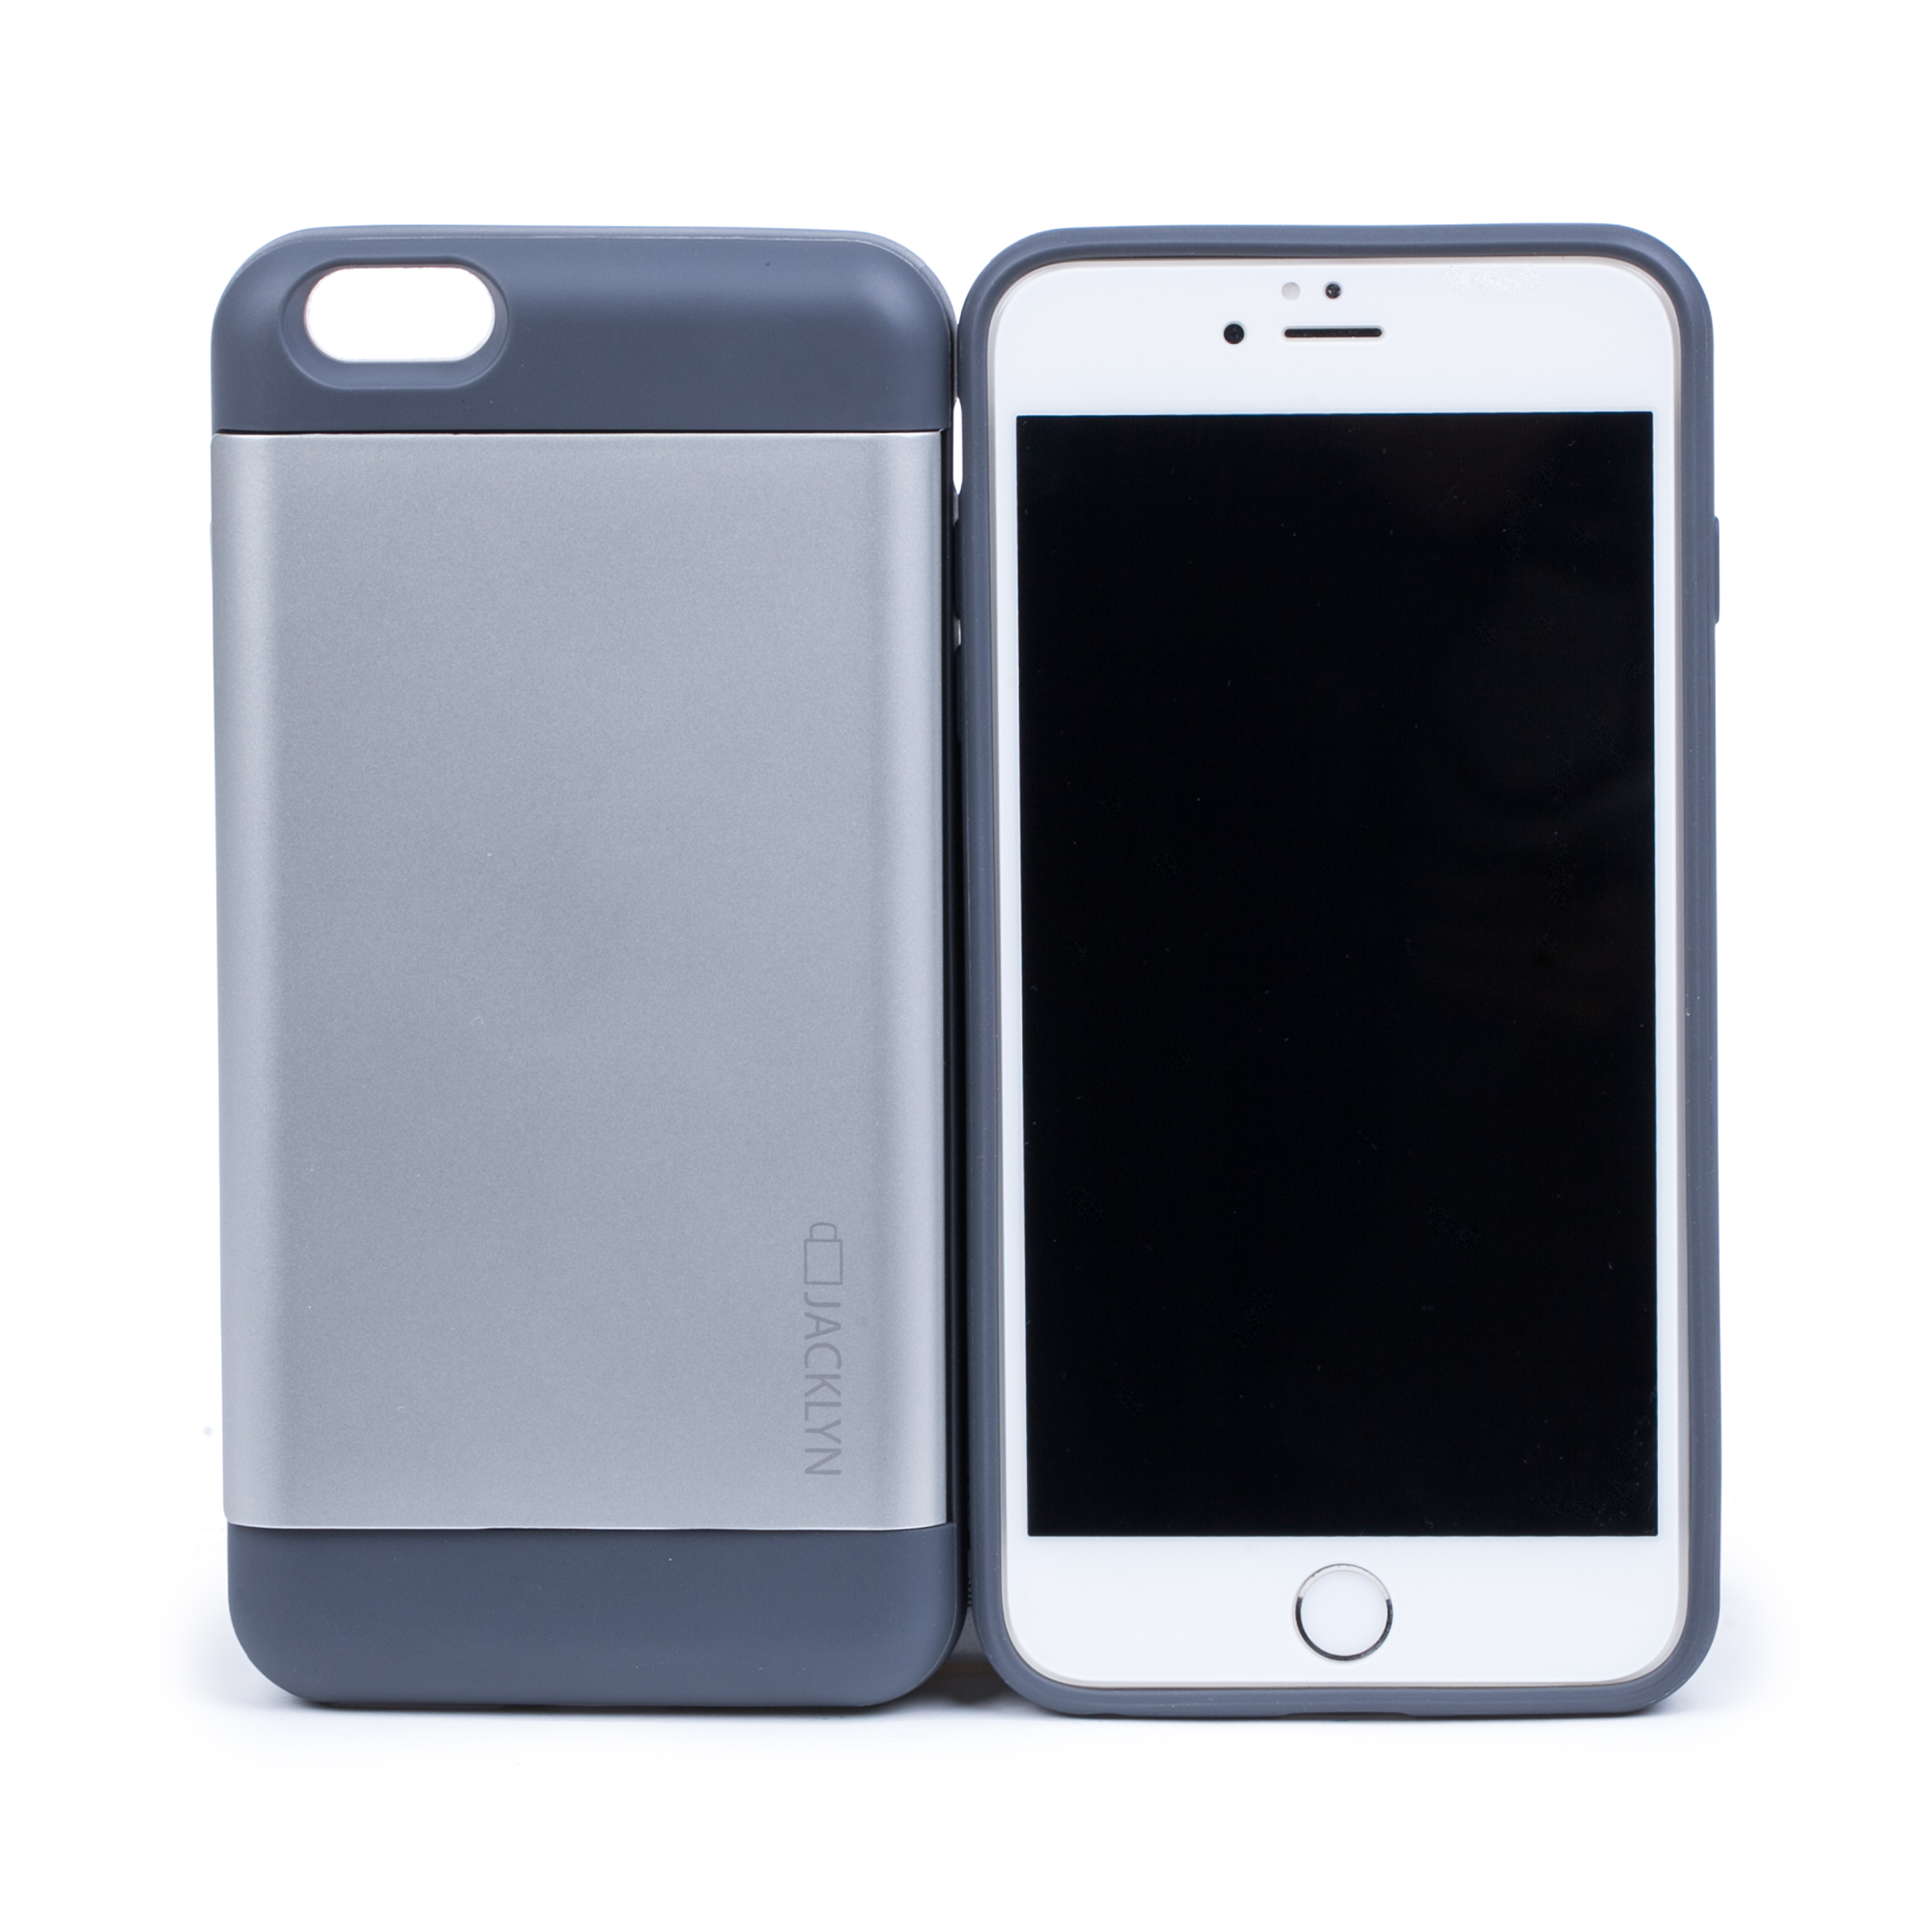 韩国原产JACKLYN苹果6plus手机壳apple手机套 防水耐高温 银色